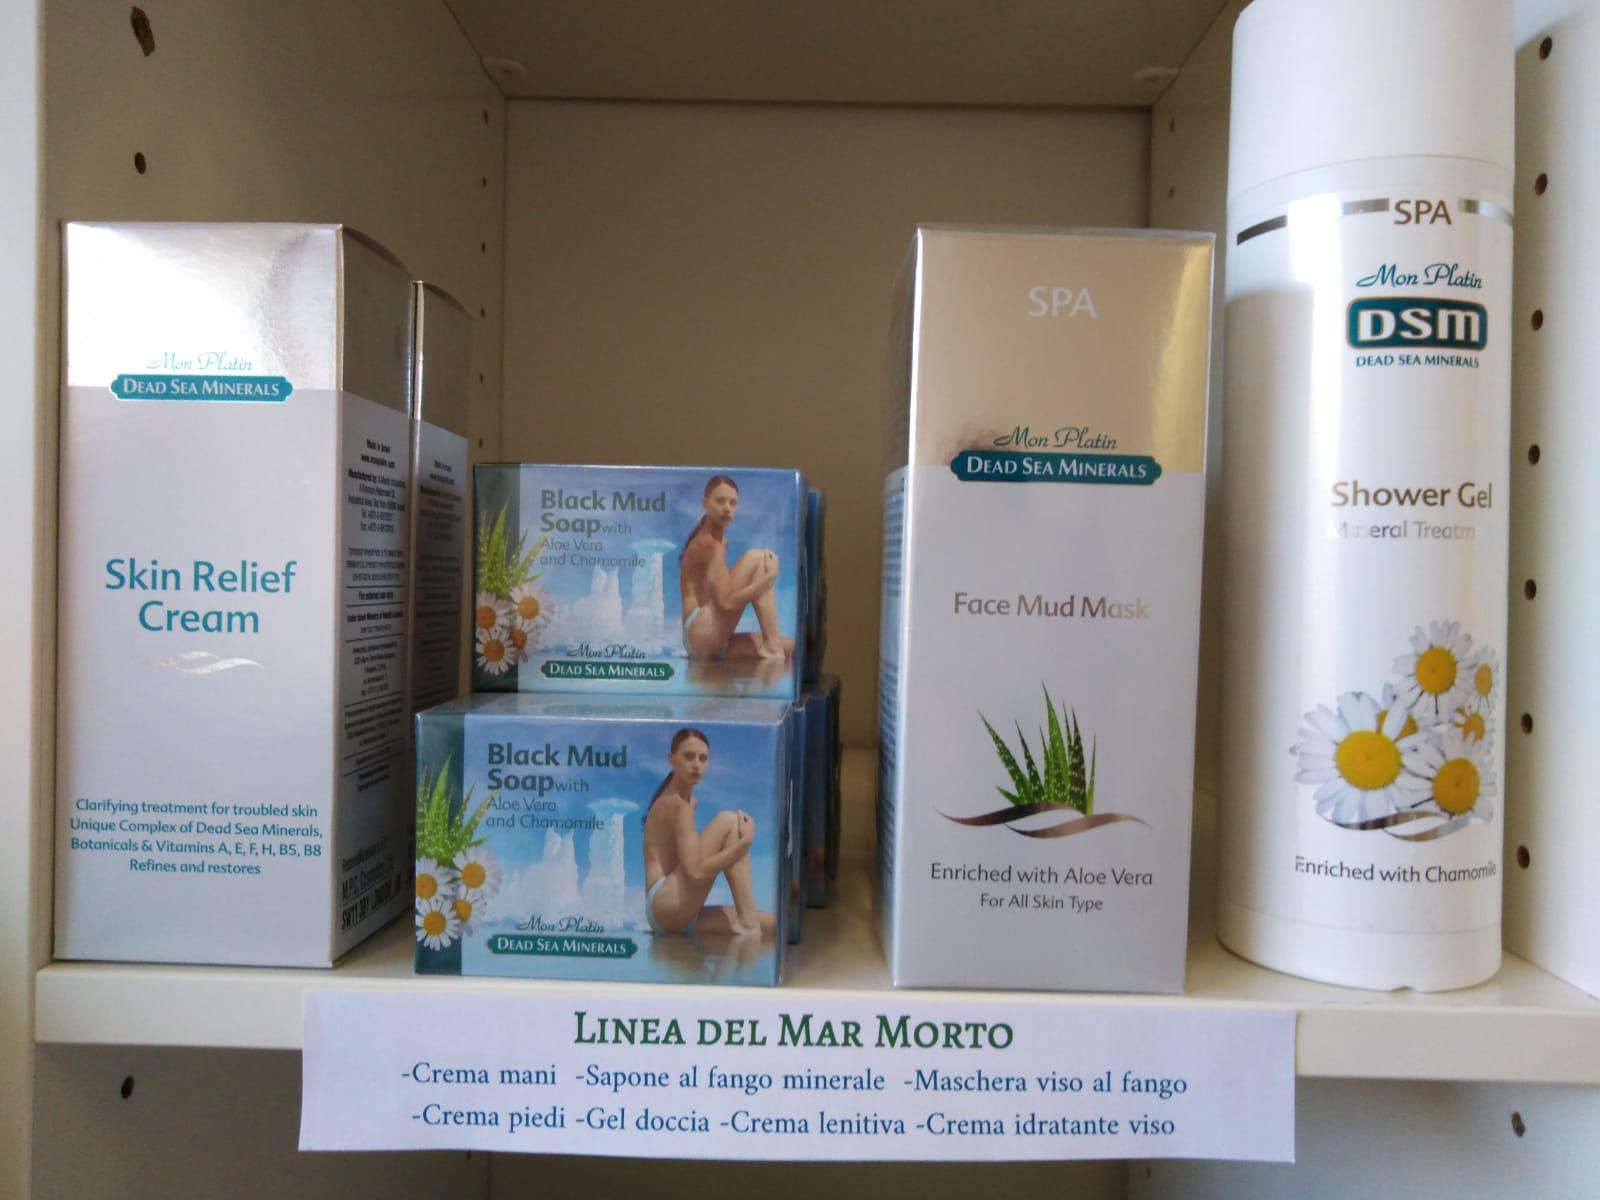 Linea cura della pelle con sali del Mar Morto